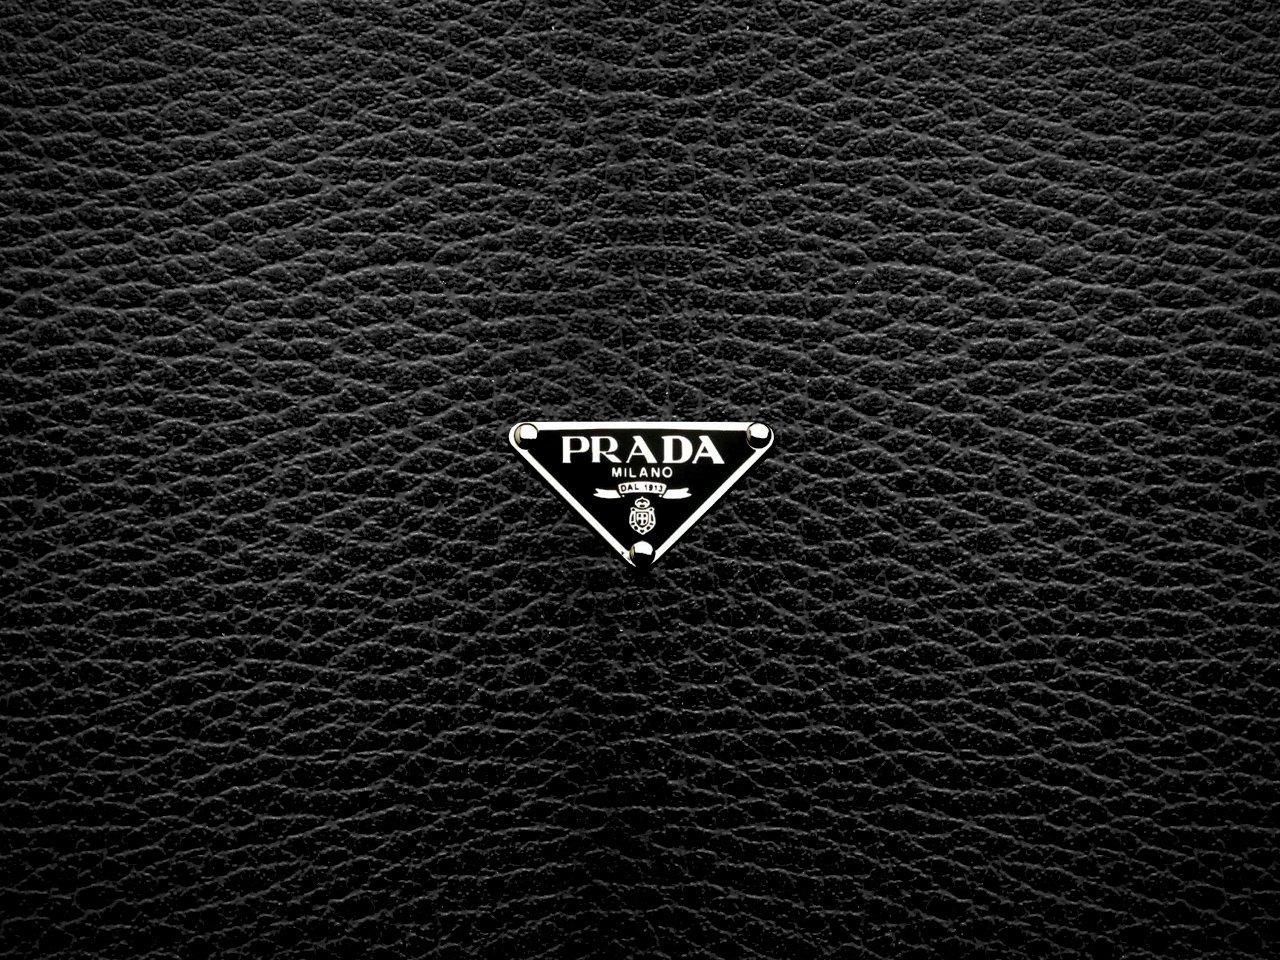 пришлась картинки бренд на черном фоне русского медведя девятнадцатый